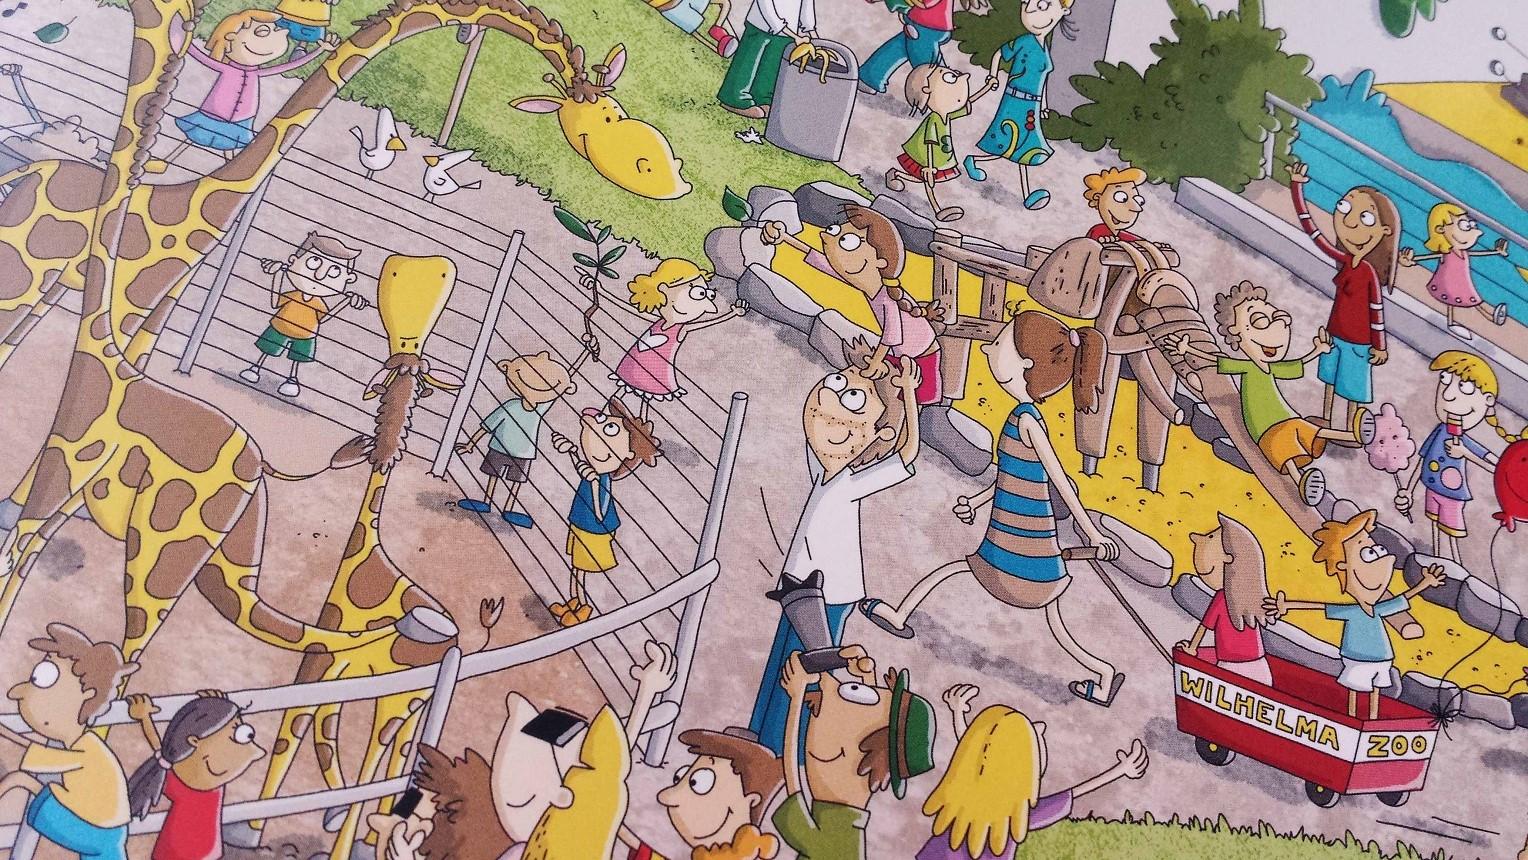 """Seht Ihr den Holzelefanten? Die Wilhelma hat in Kooperation mit der Kinderturnstiftung die """"Kinderturn-Welt"""" ins leben gerufen. Ein richtig aktiver Parcour. Gleich am Eingang liegen dafür kostenlose Flyer aus!"""